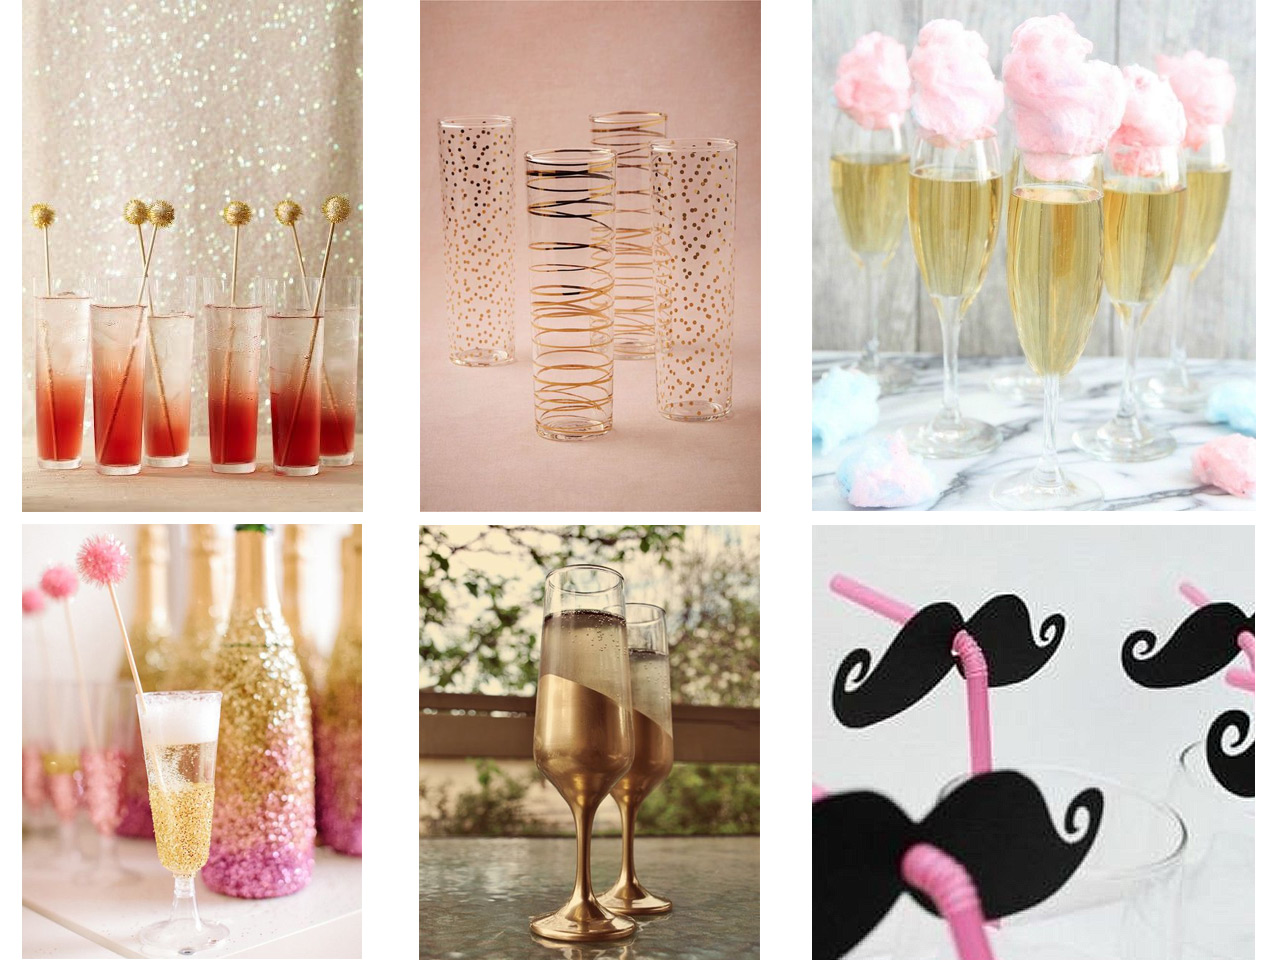 Triunfa con estos tips para decorar tu fiesta de nochevieja - Decoracion mesa nochevieja ...